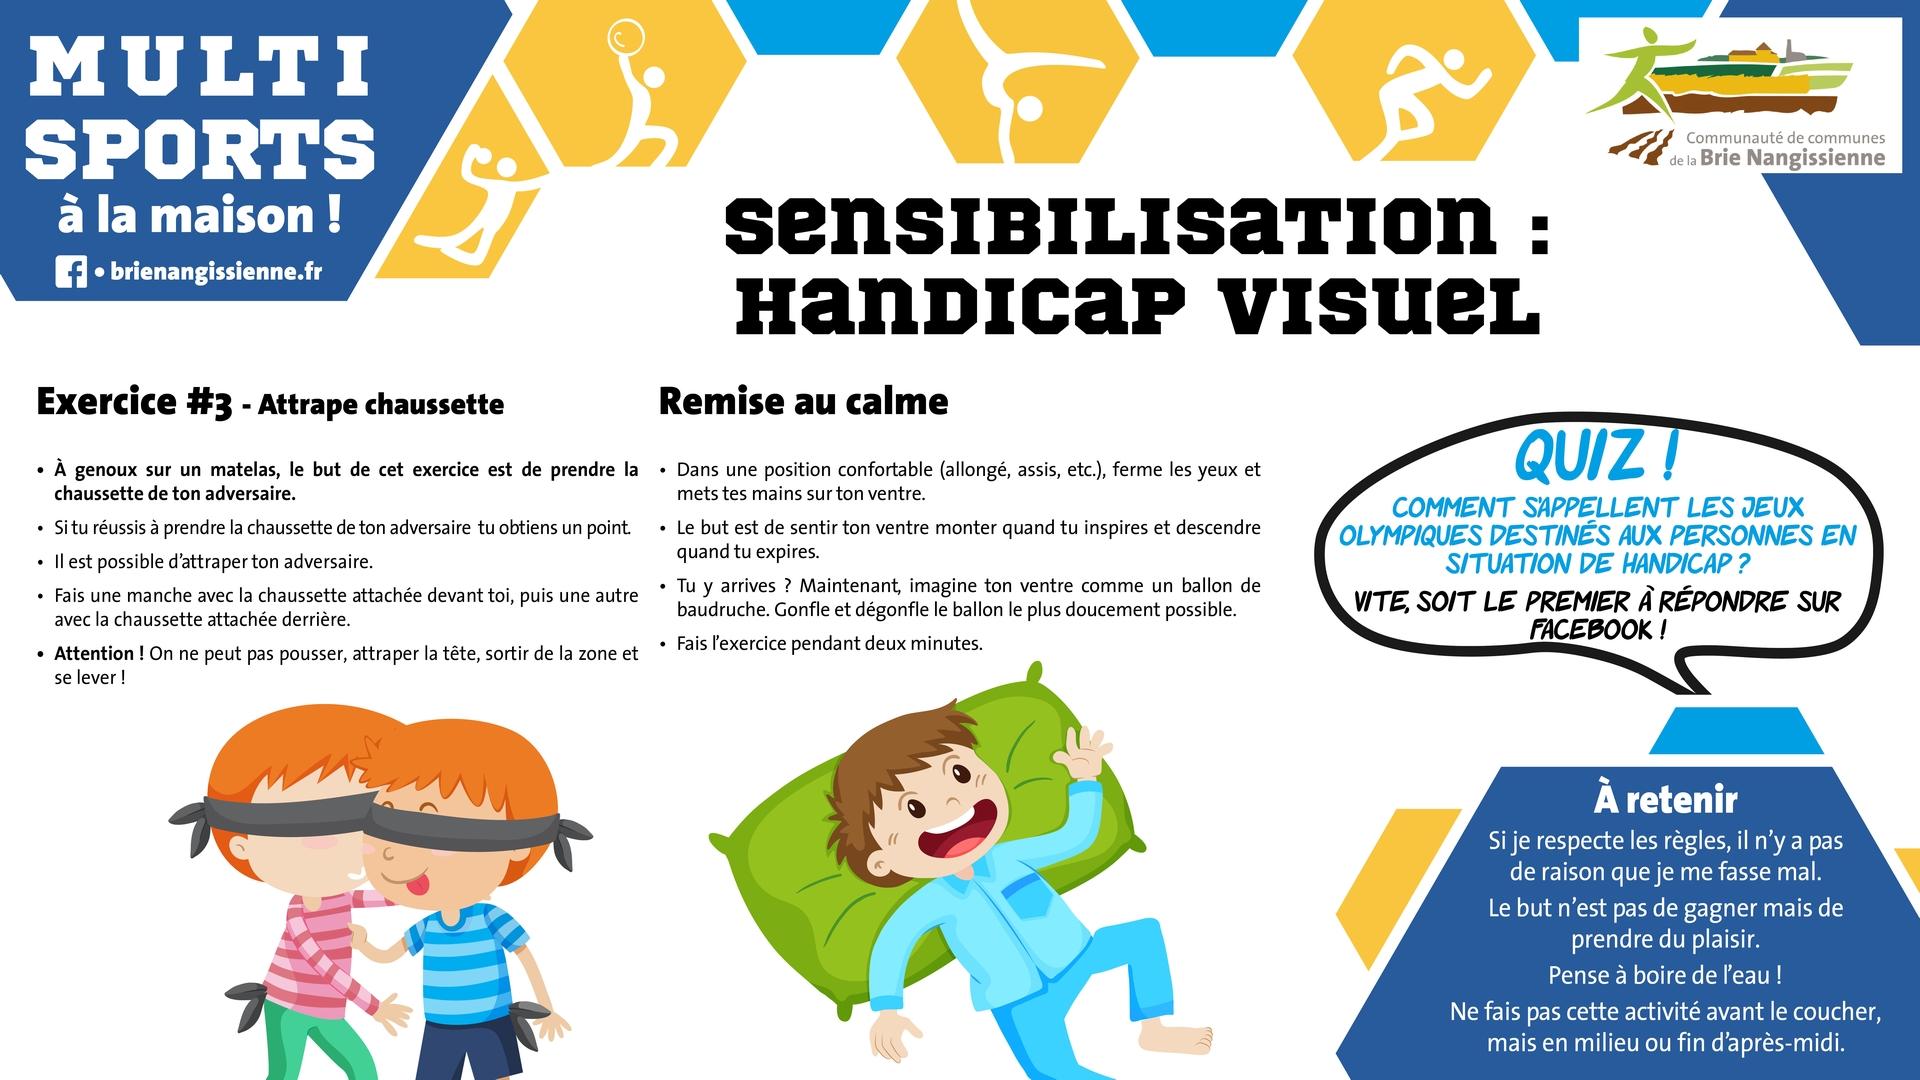 Activité #15 Sensibilisation handicap visuel 2 - FICHE